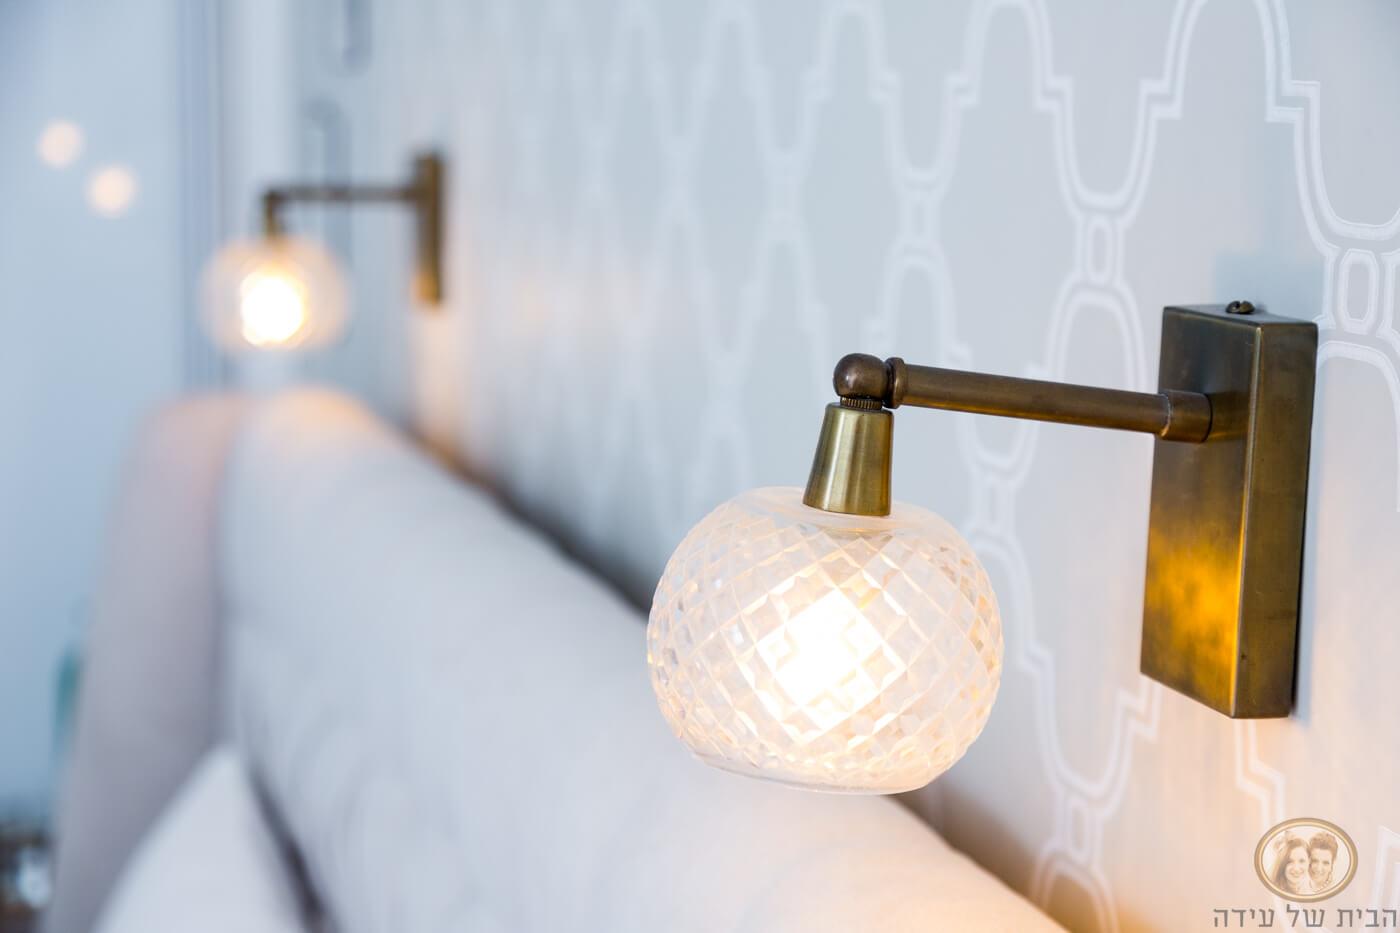 תאורה לקיר